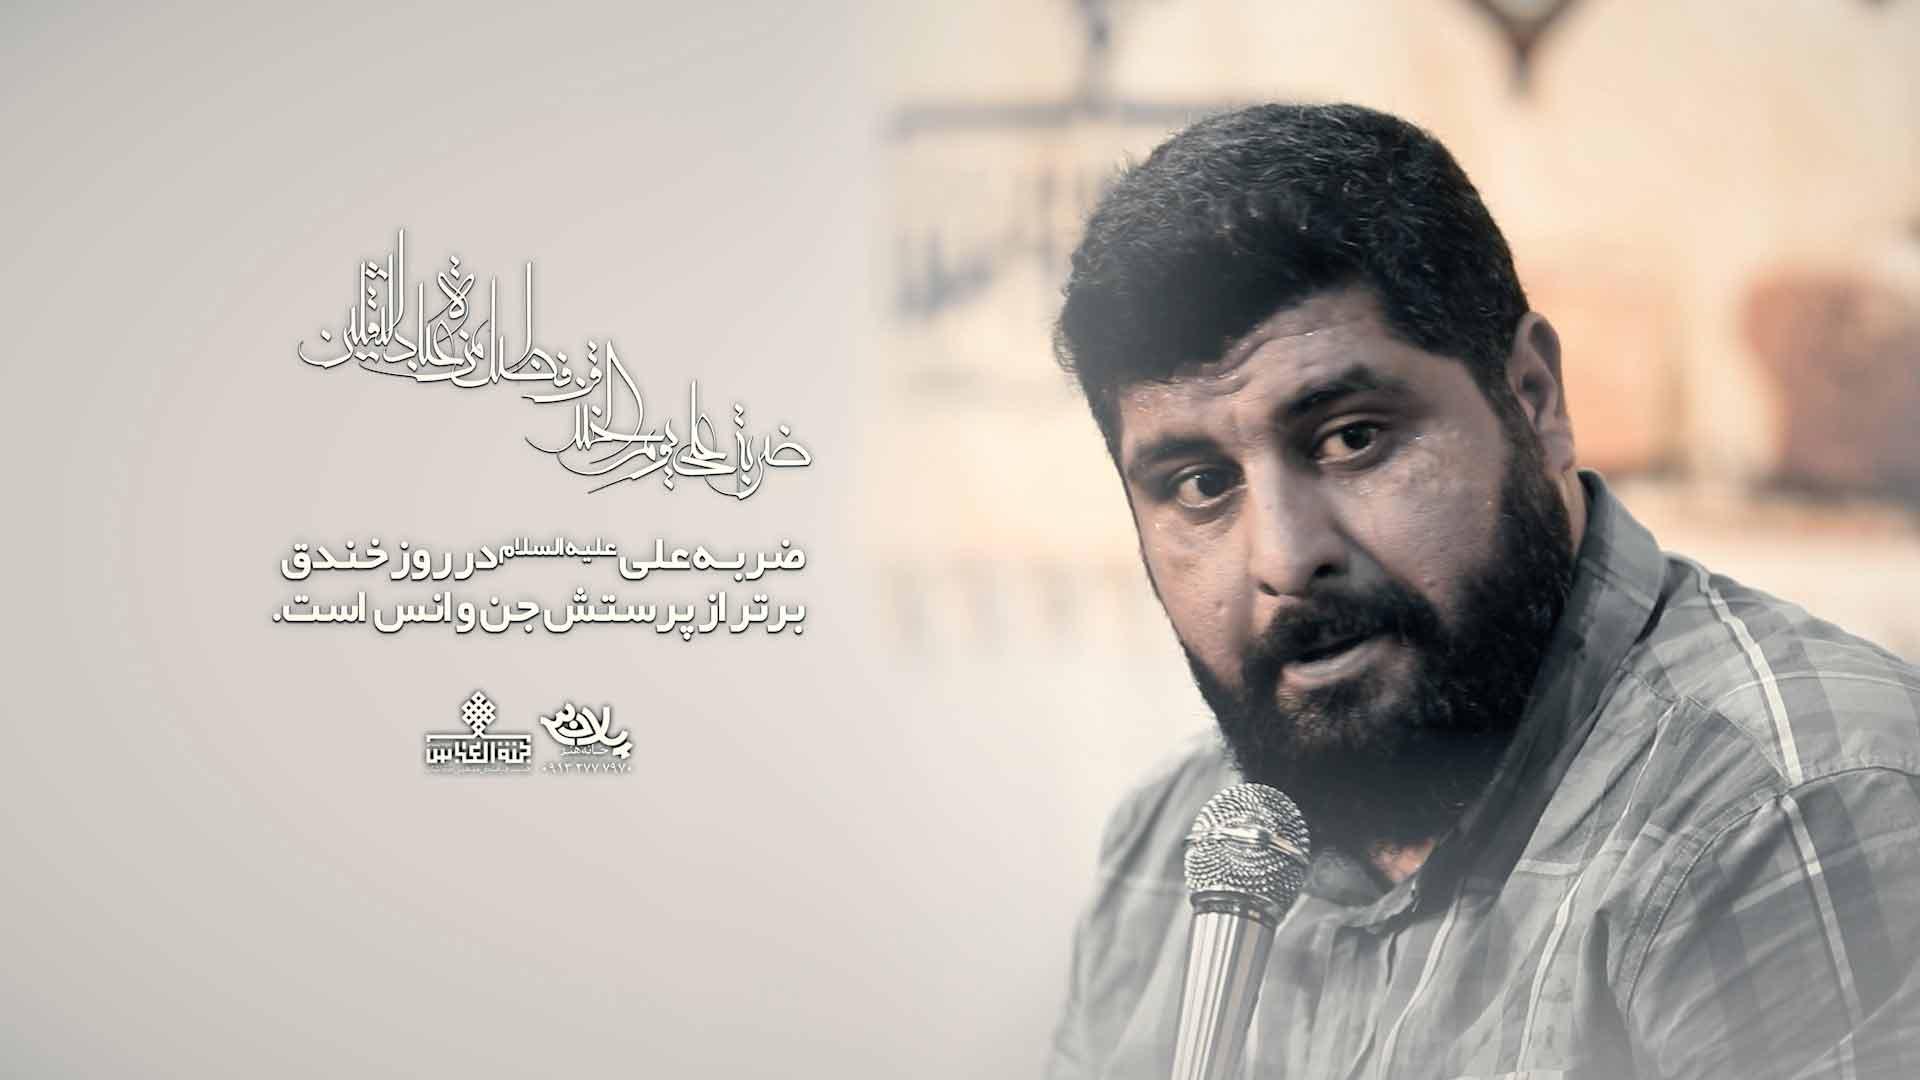 ضربه علی علی اکبری